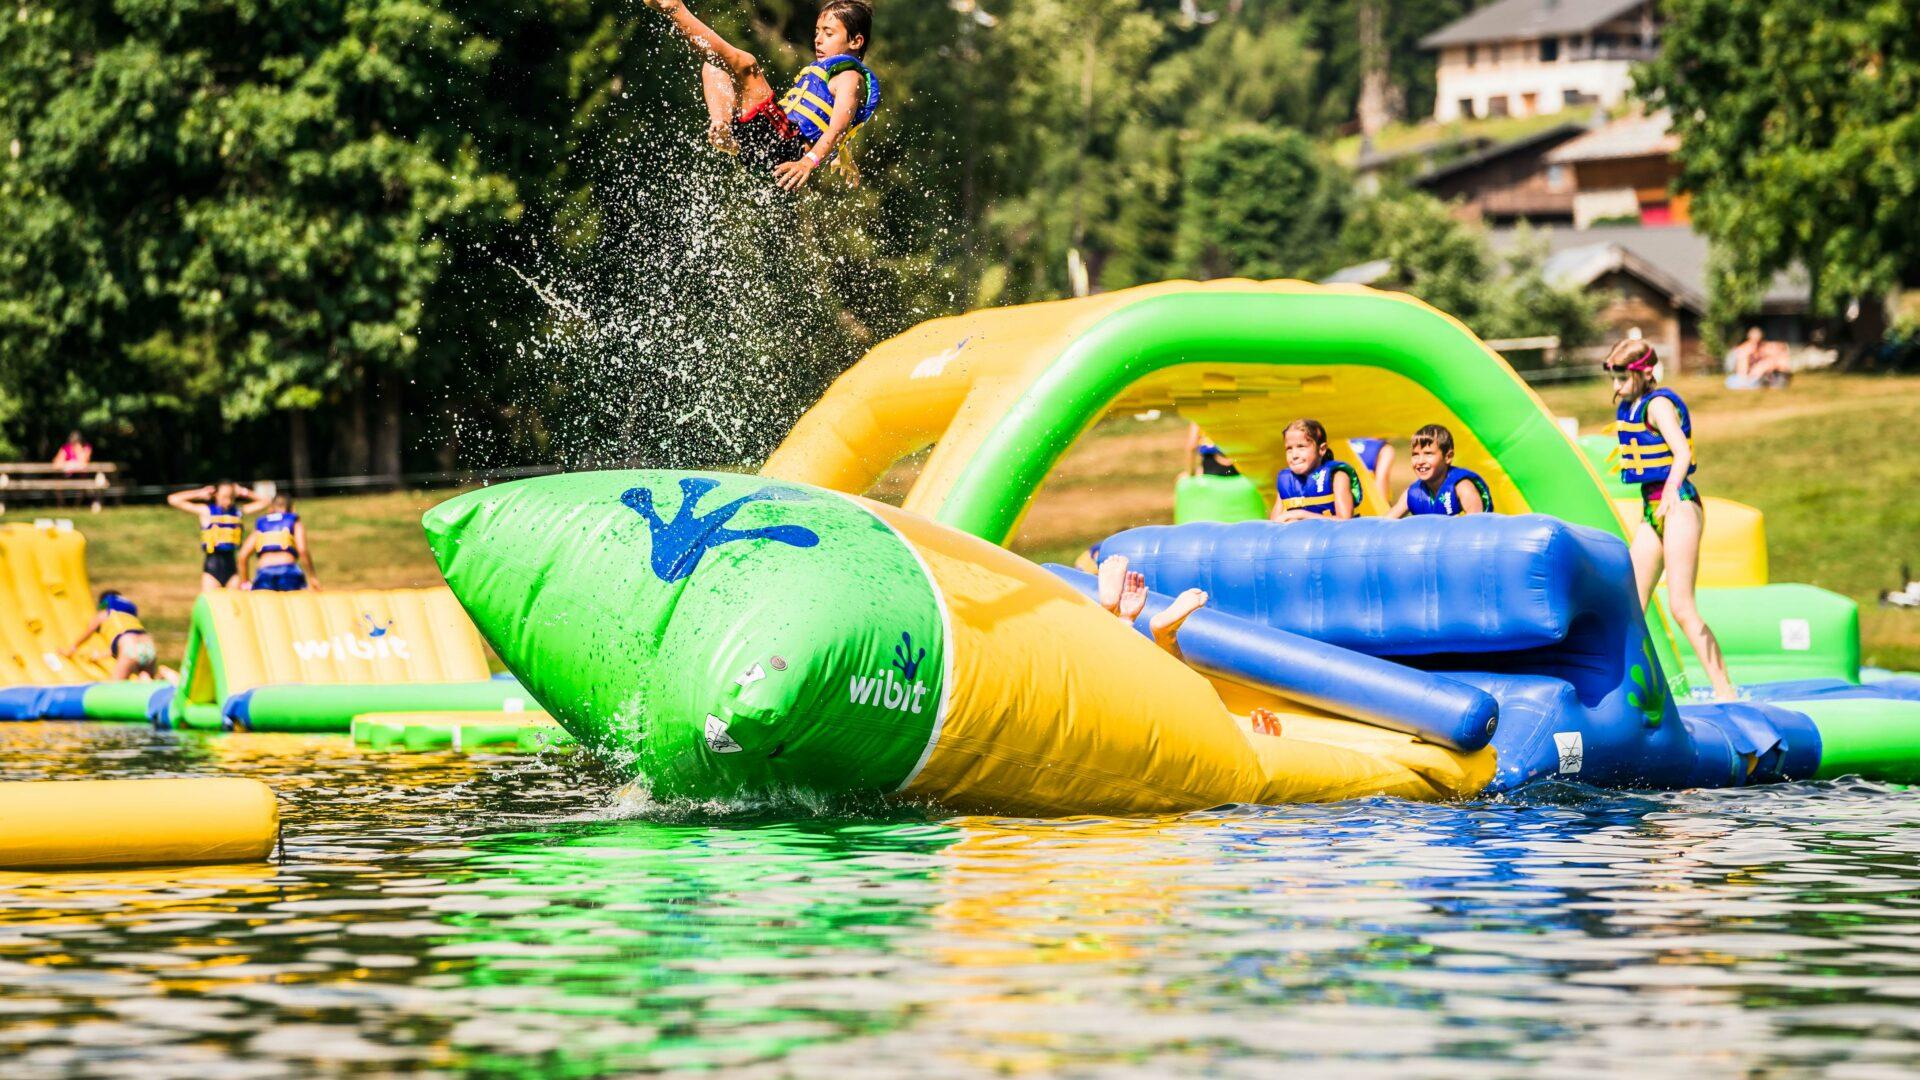 Parc aquatique gonflabl Wibit sur le lac des écoles aux Gets